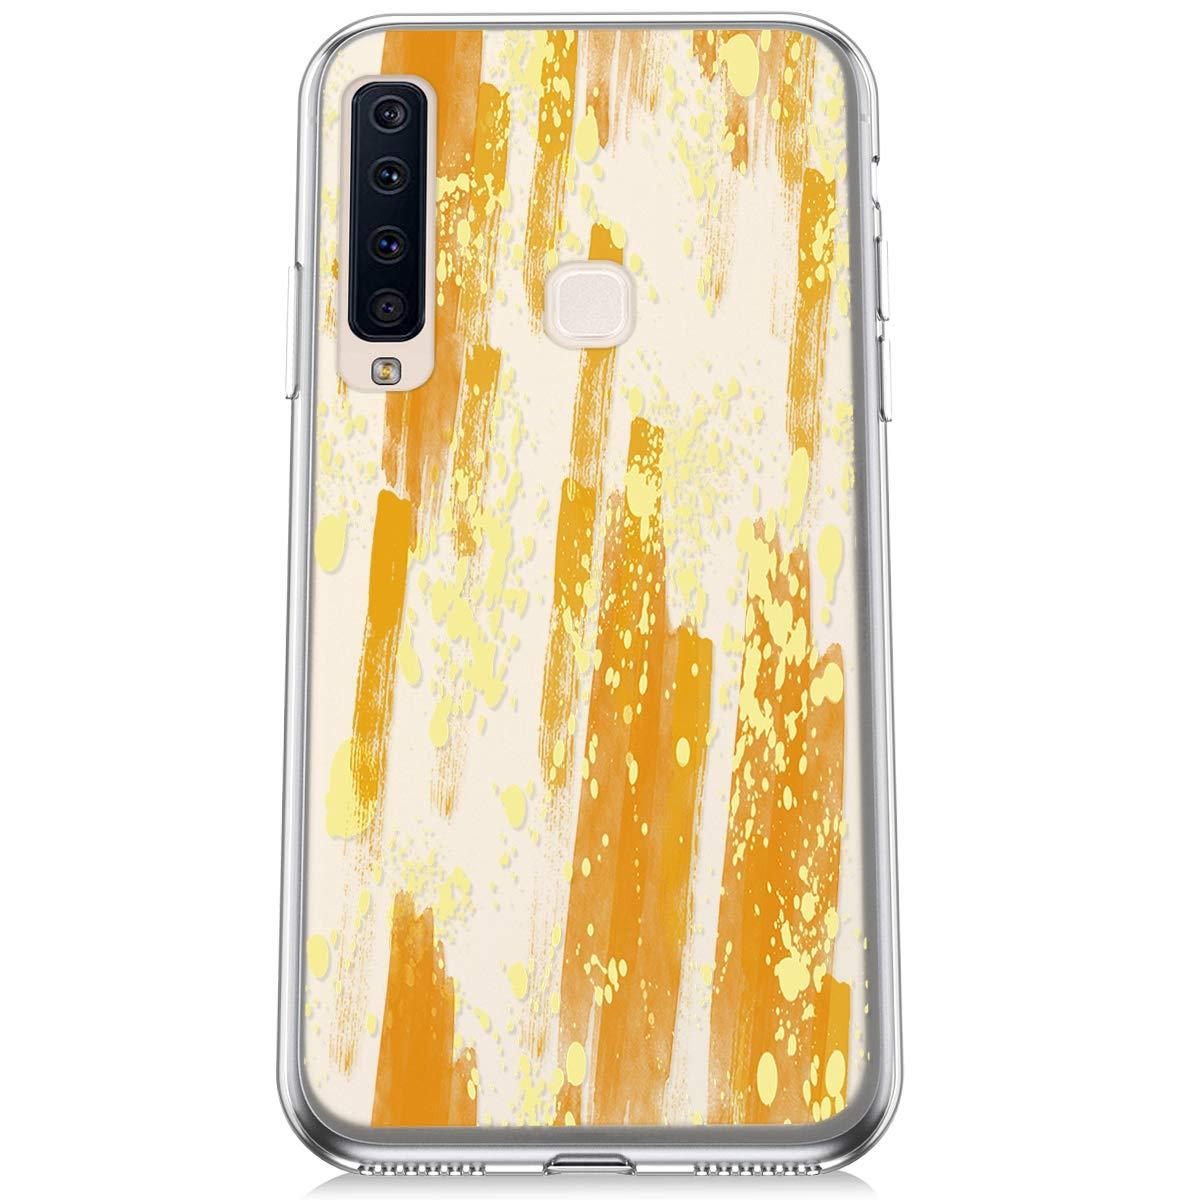 Felfy Kompatibel mit Galaxy A9 2018 H/ülle,Kompatibel mit Galaxy A9 2018 Handyh/ülle Transparent Silikon Schutzh/ülle Elegant Muster Ultrad/ünn Weich Gel Kristall Klar Silikonh/ülle Sto/ßfest Cover Case